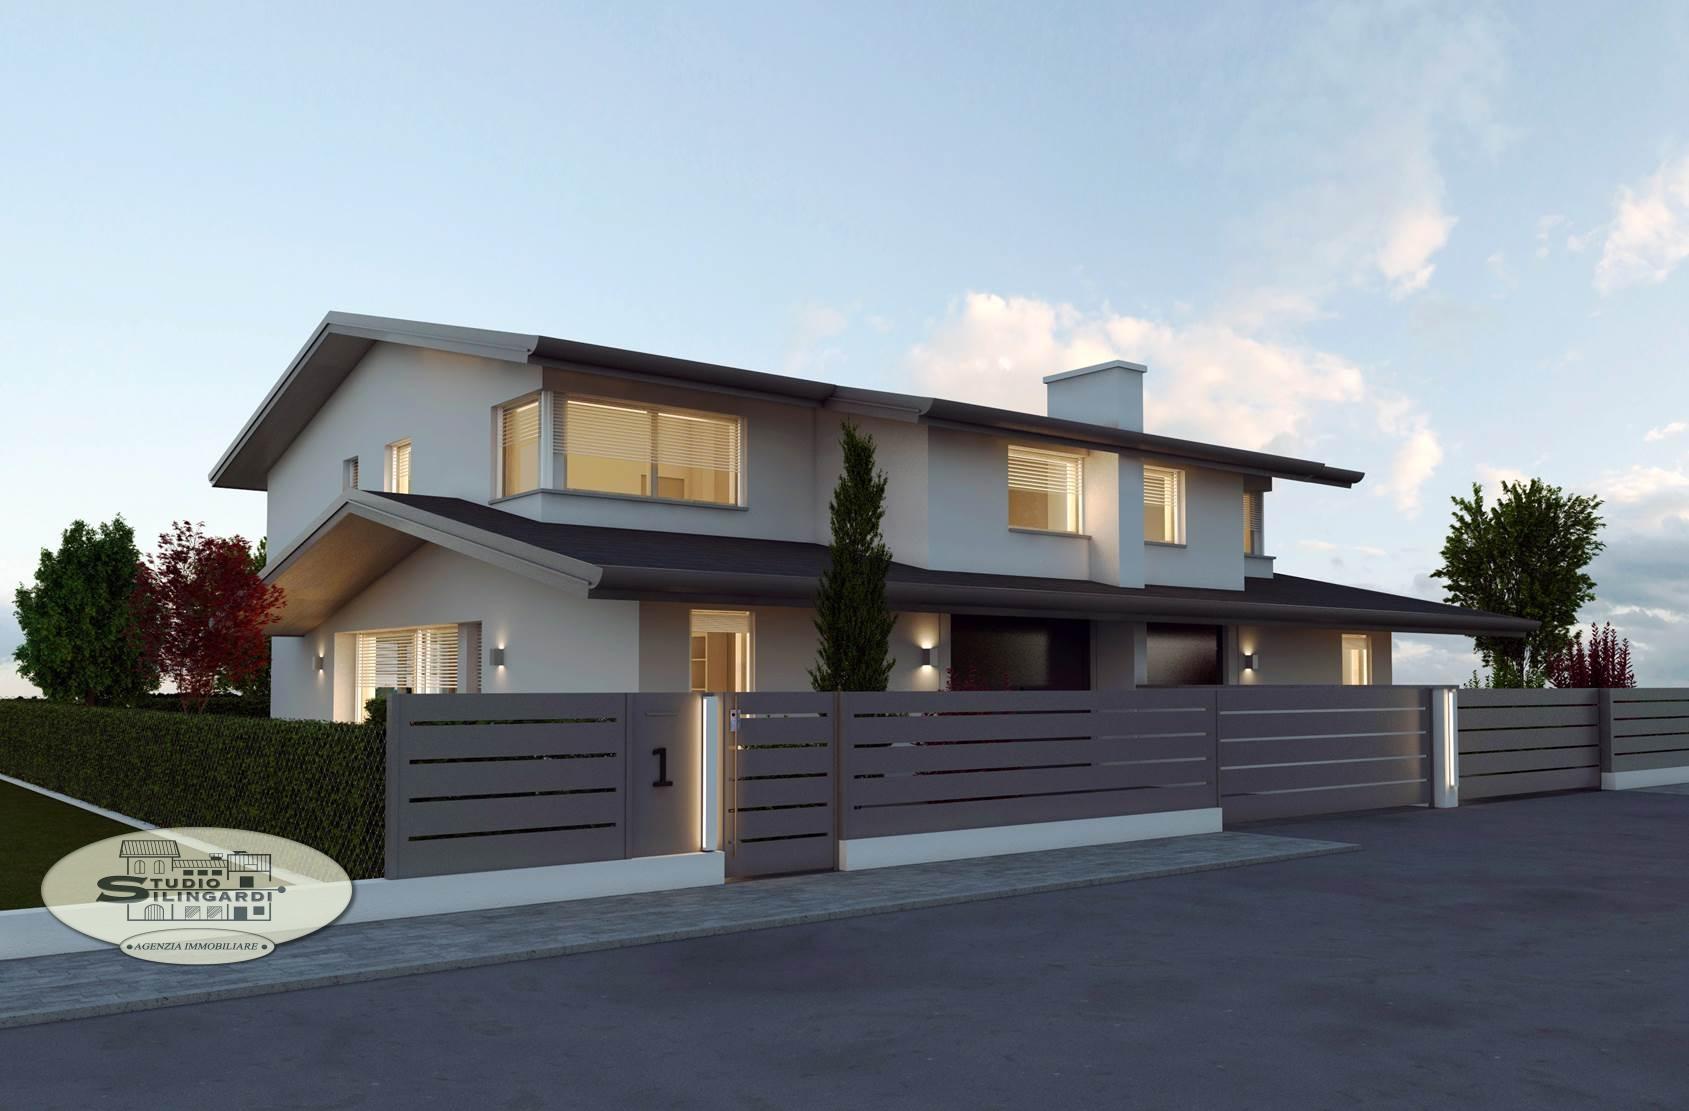 Villa in vendita a Formigine, 8 locali, zona Località: Formigine, Trattative riservate | Cambio Casa.it